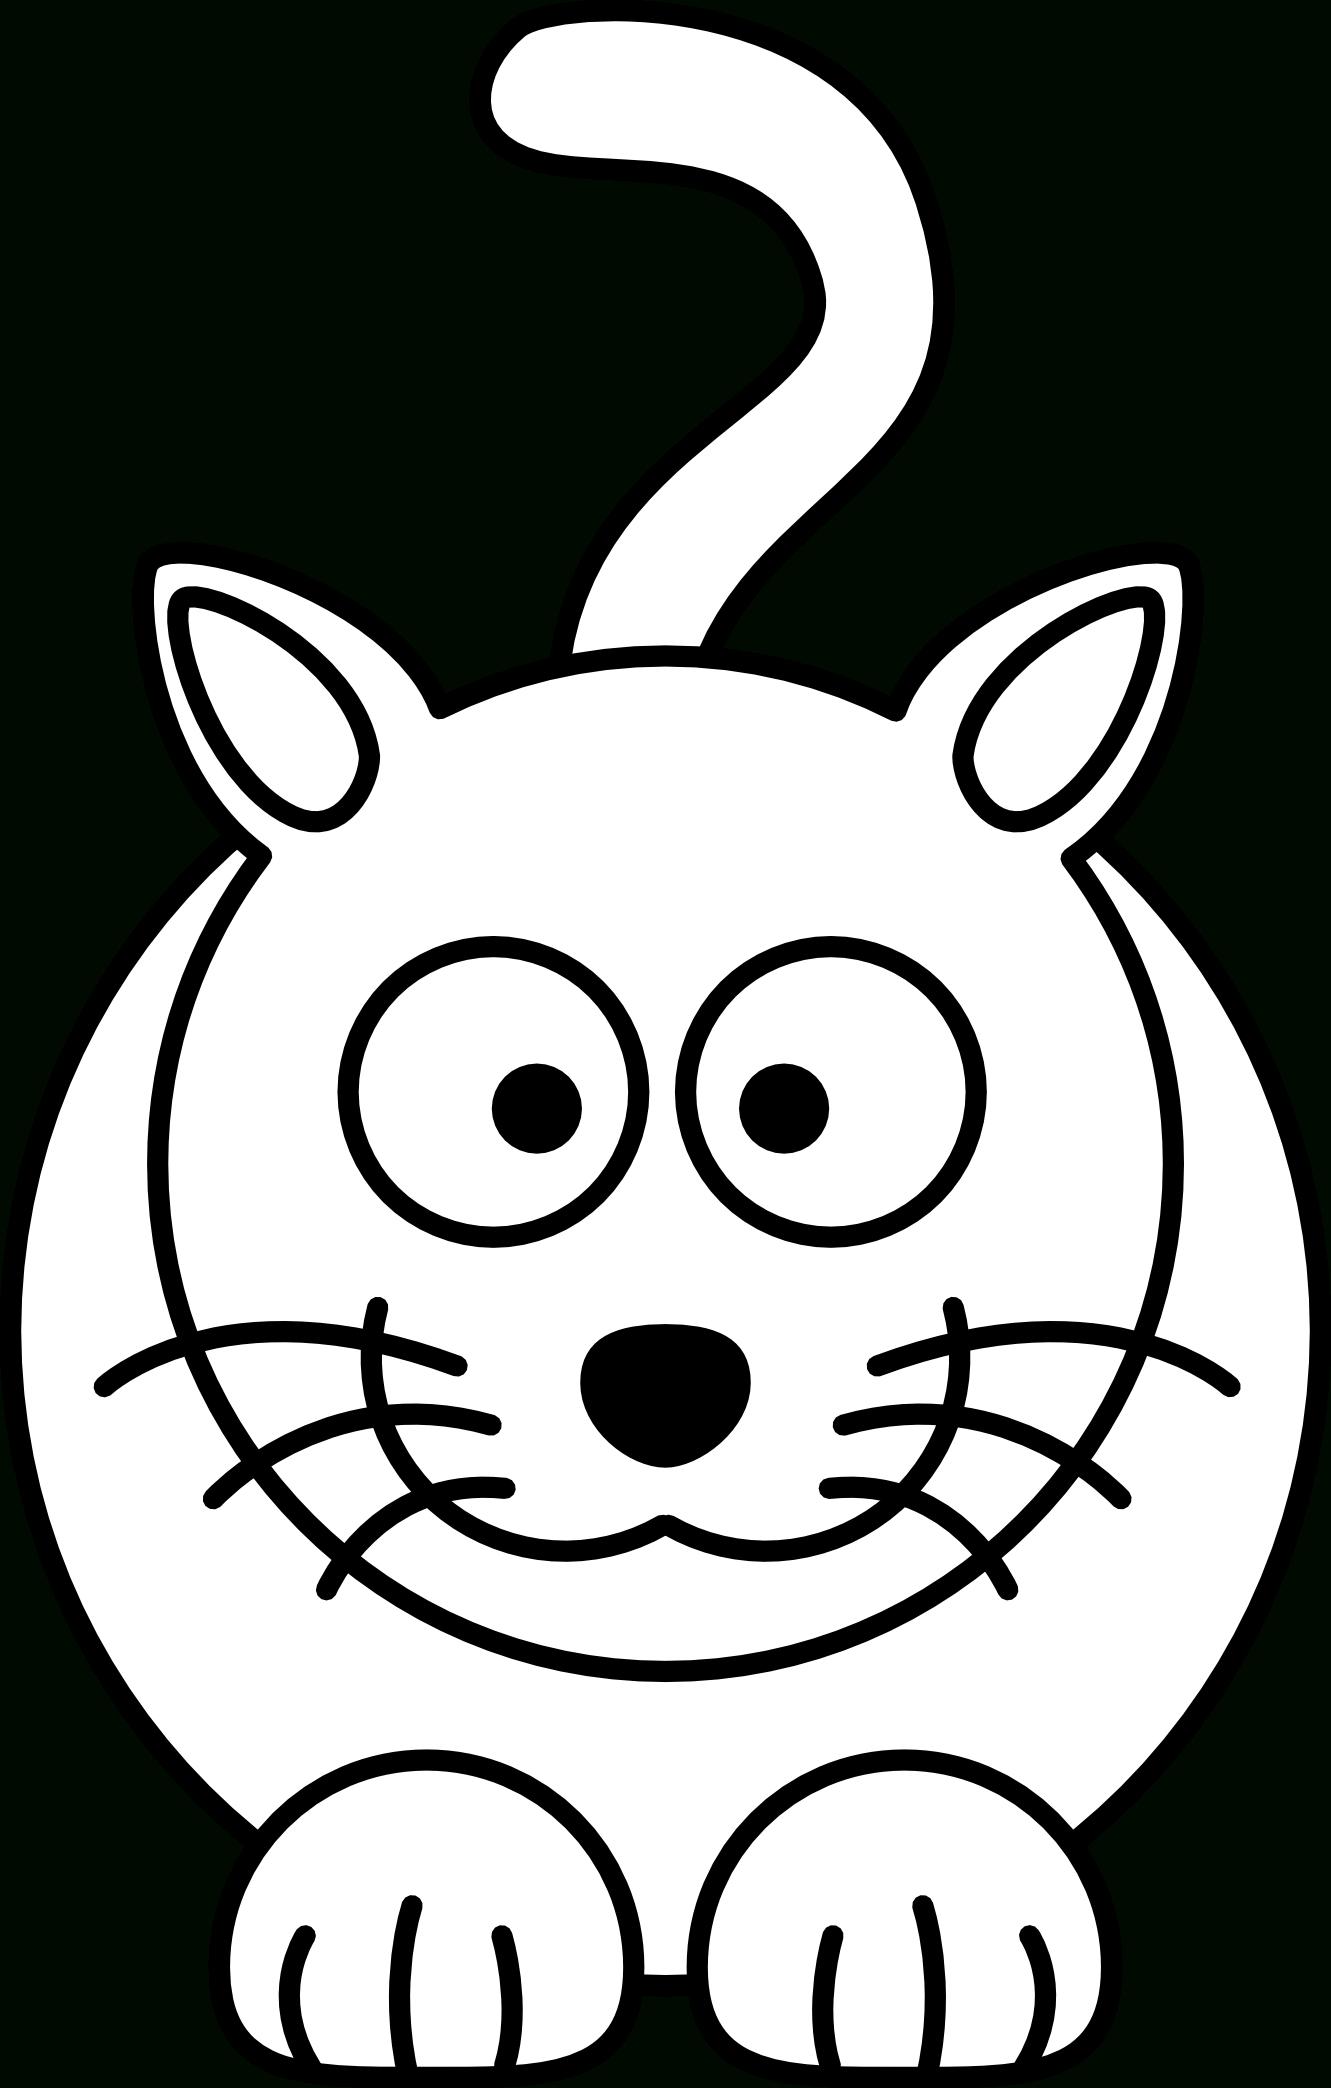 1331x2088 Draw A Cartoon Cat Easy Cartoon Cat Drawings Simple Cat Drawing